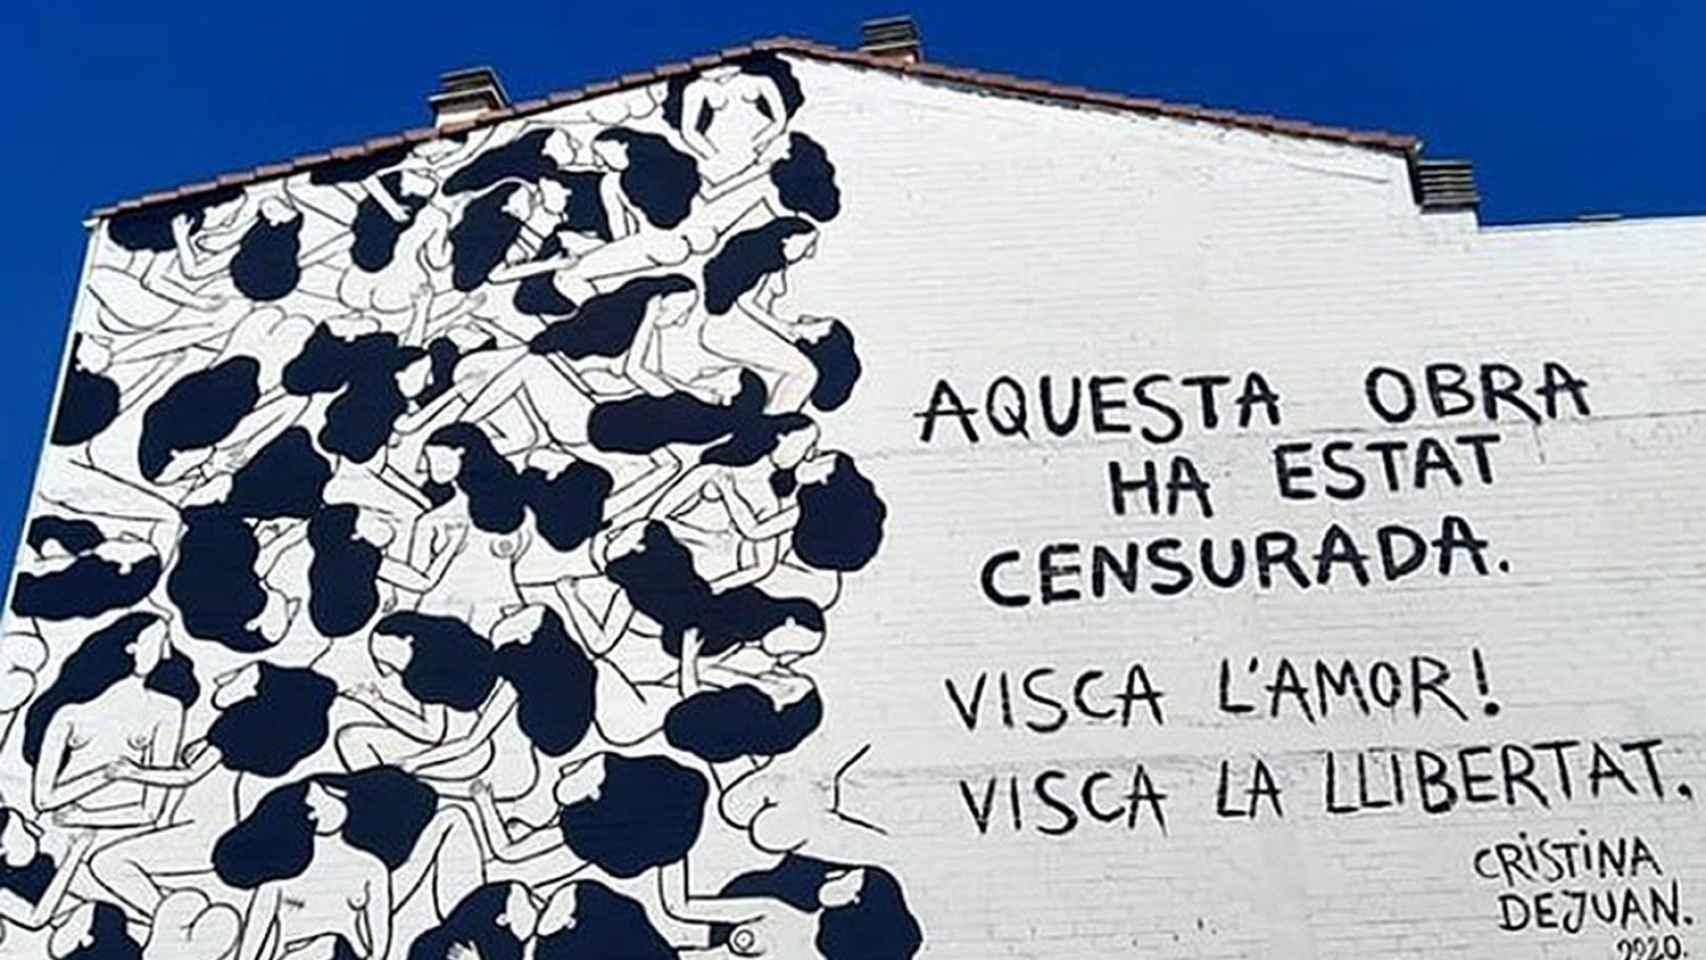 Imagen del mural de la polémica.